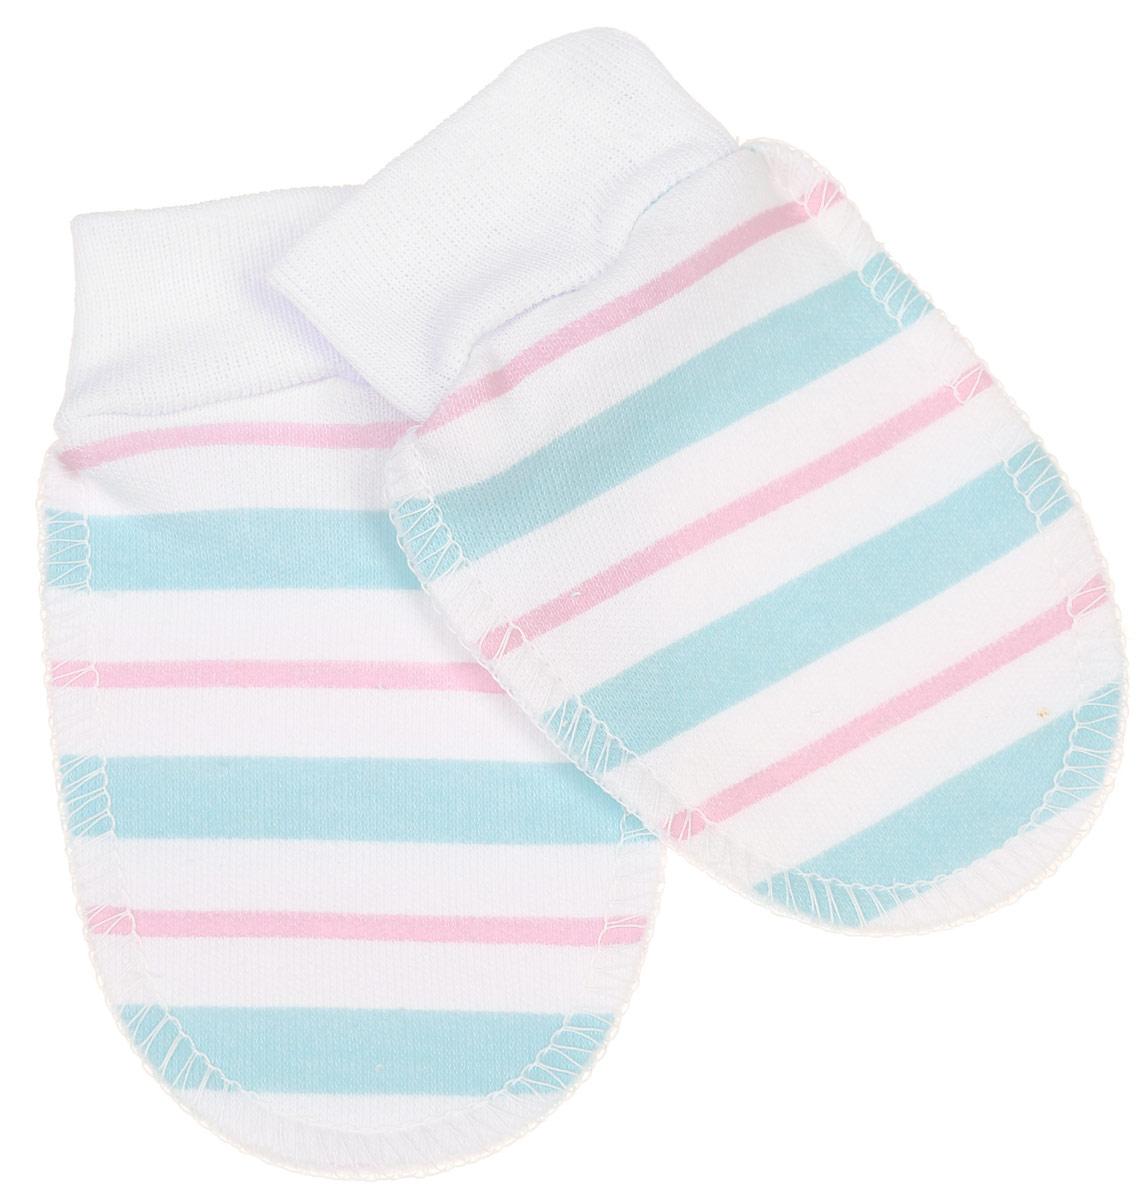 Рукавички5916_ОЗ14_полоскиРукавички для новорожденного Трон-плюс обеспечат вашему ребенку комфорт во время сна и бодрствования, предохраняя нежную кожу от царапин. Изделие изготовлено из натурального хлопка, отлично пропускает воздух, обеспечивая комфорт. Швы выполнены наружу, что будет для малыша особенно удобным. Рукавички имеют широкие эластичные манжеты, которые не пережимают ручку ребенка. Модель оформлена принтом в полоску. Мягкие рукавички сделают сон вашего ребенка спокойным и безопасным.